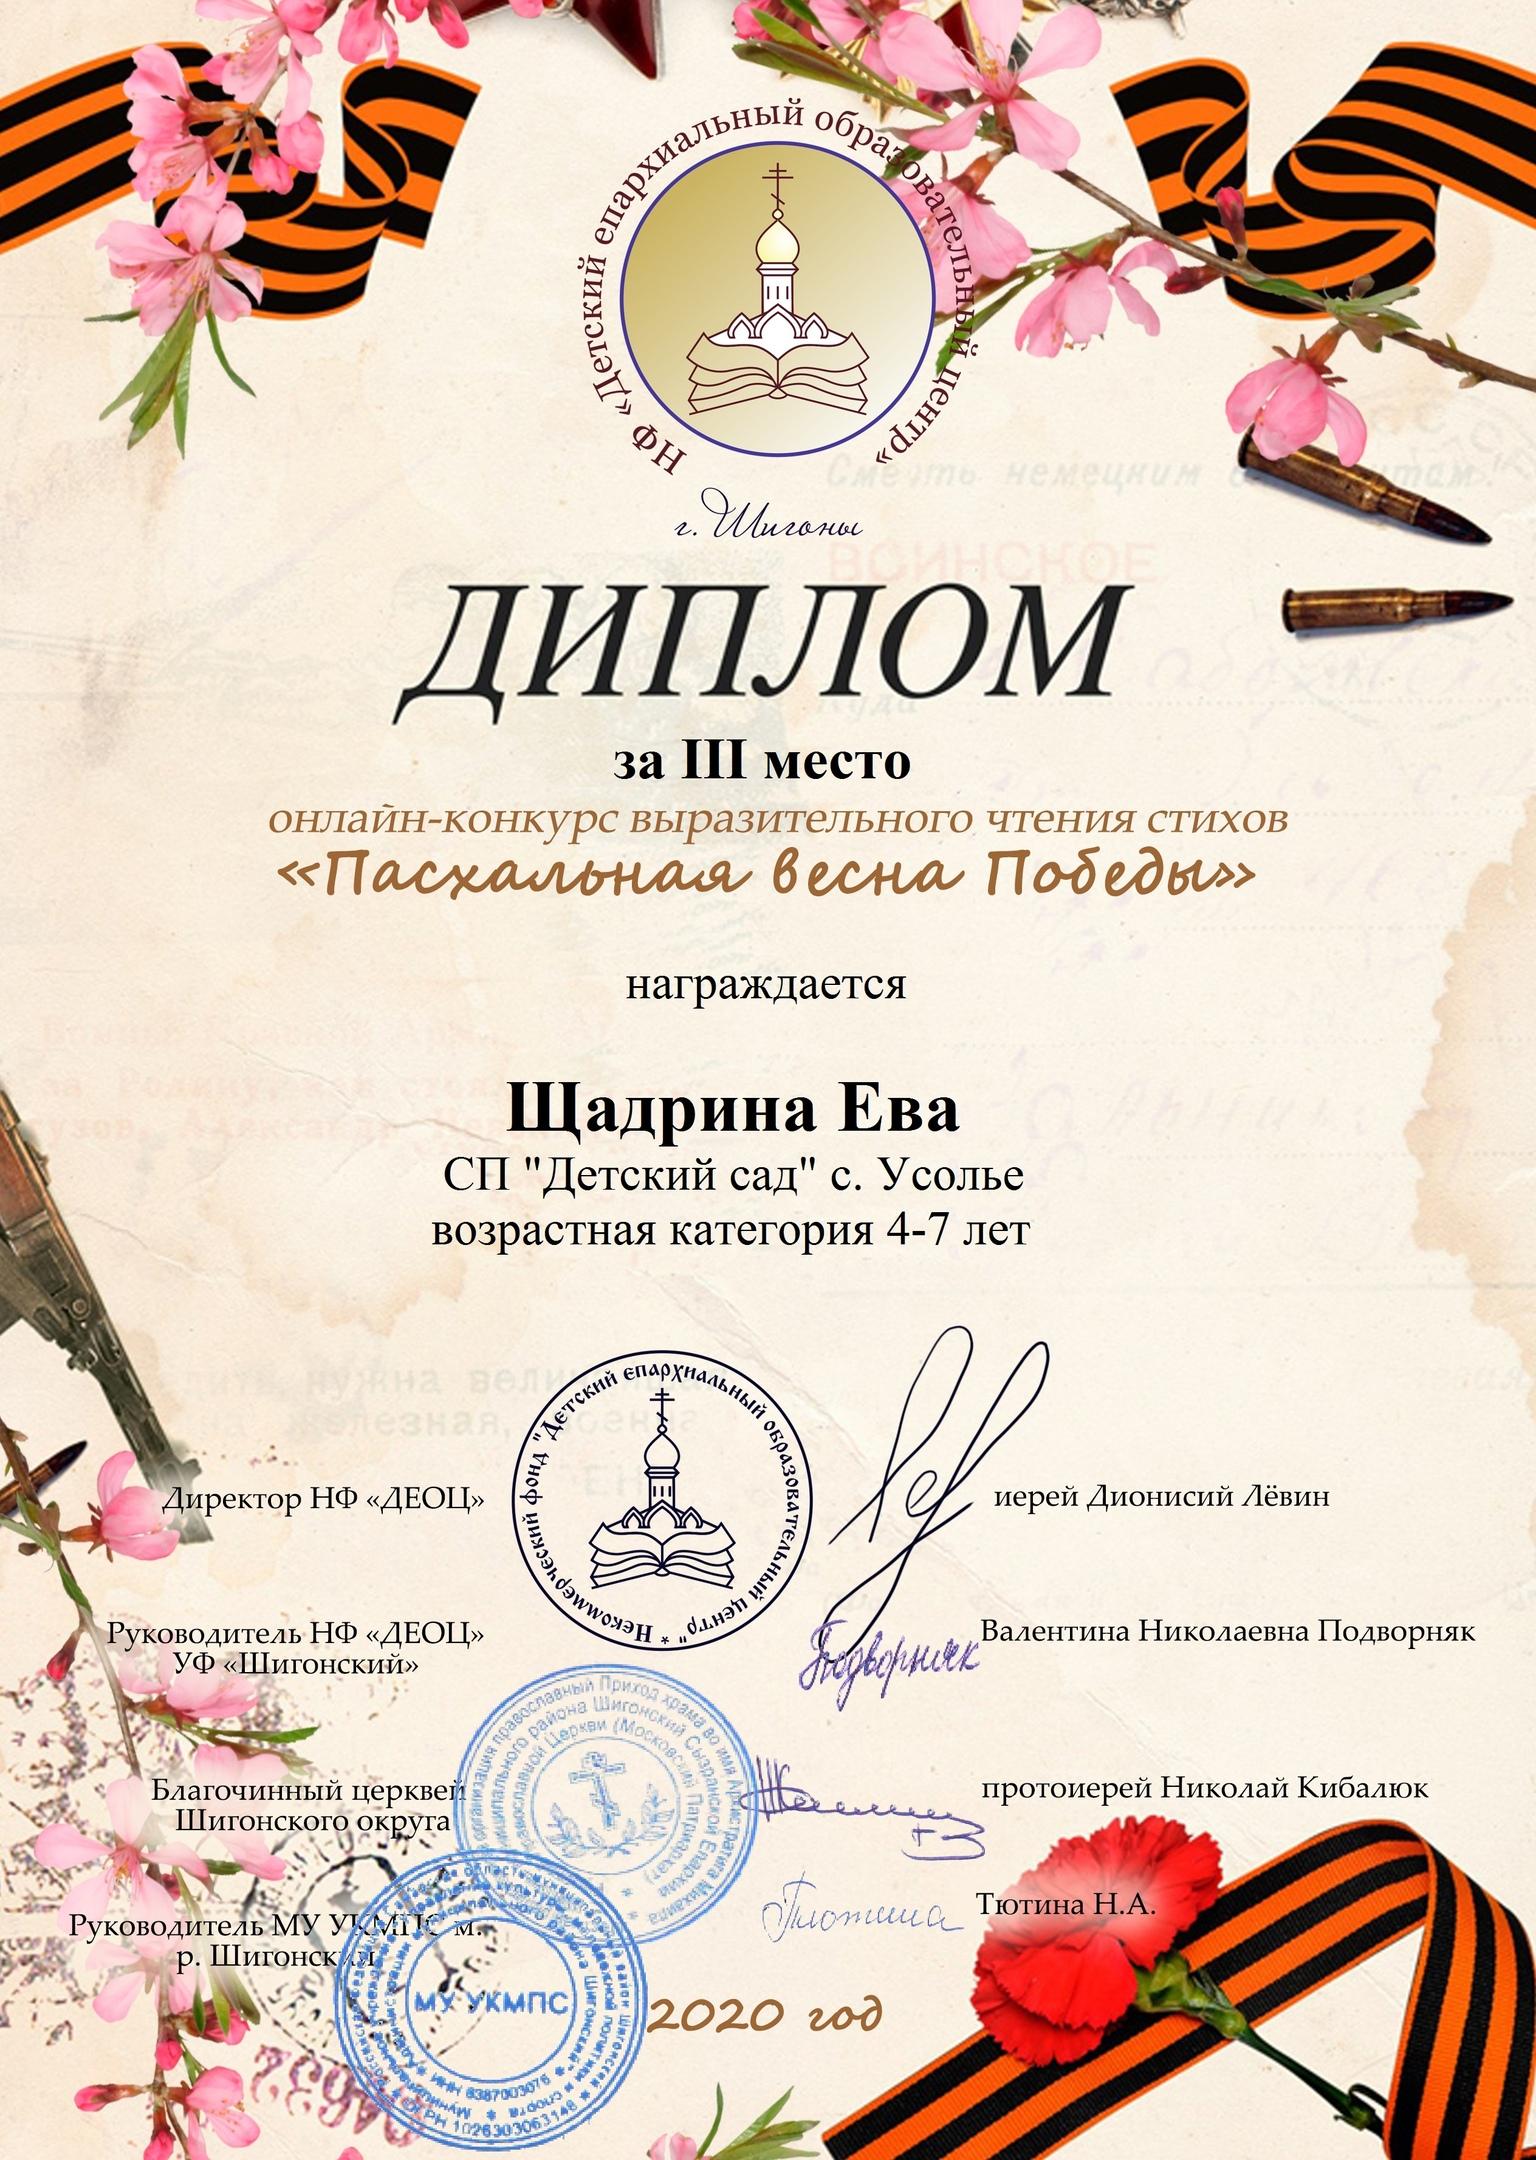 Пасхальная весна Победы Диплом 3 место 2020 Усолье